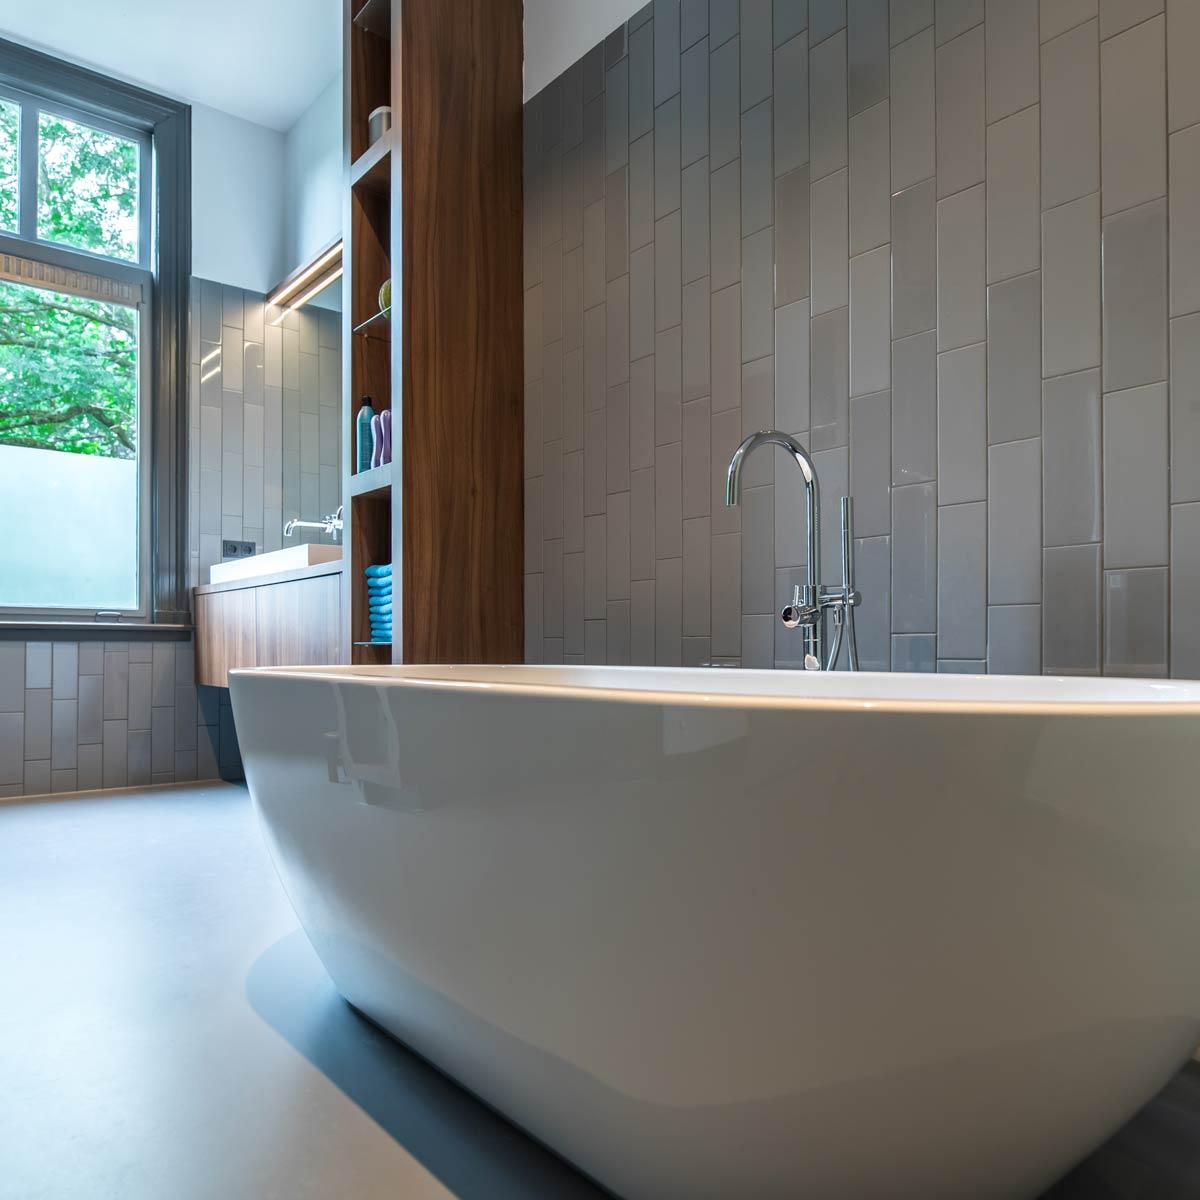 Badkamer van de stadsvilla